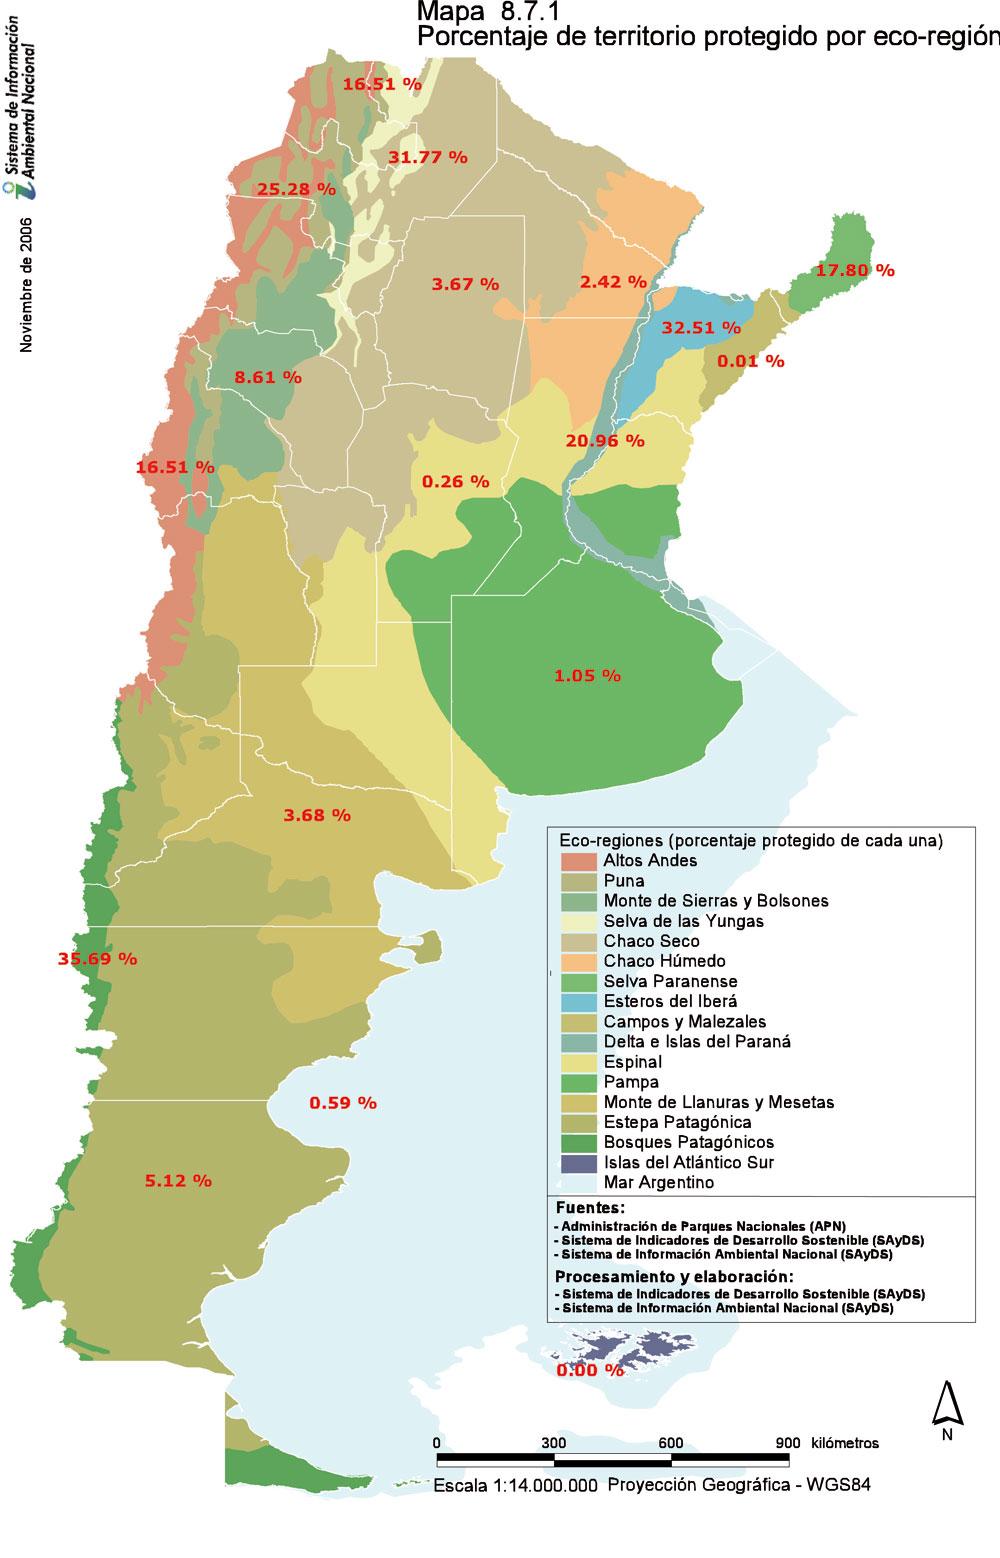 Diarios De V Mapas De Argentina Gratis Para Descargar - Argentina mapa